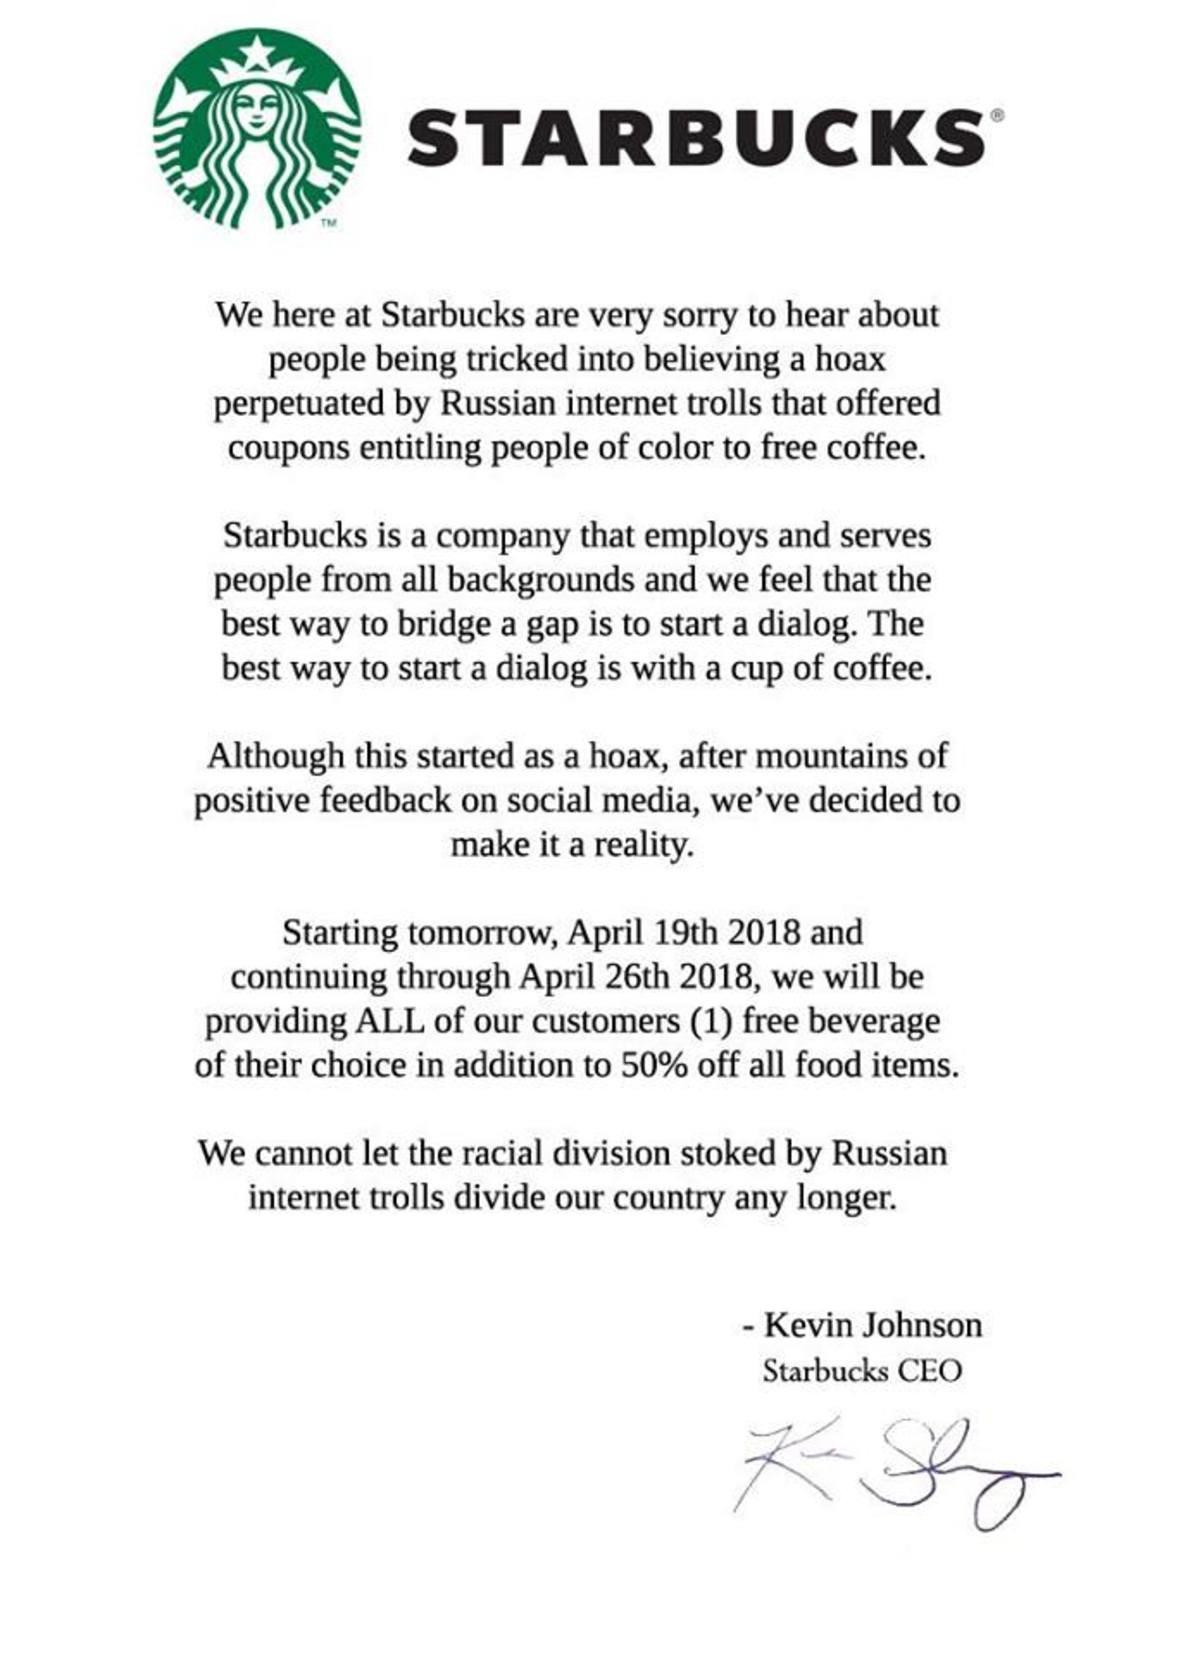 Starbucks makes an apology